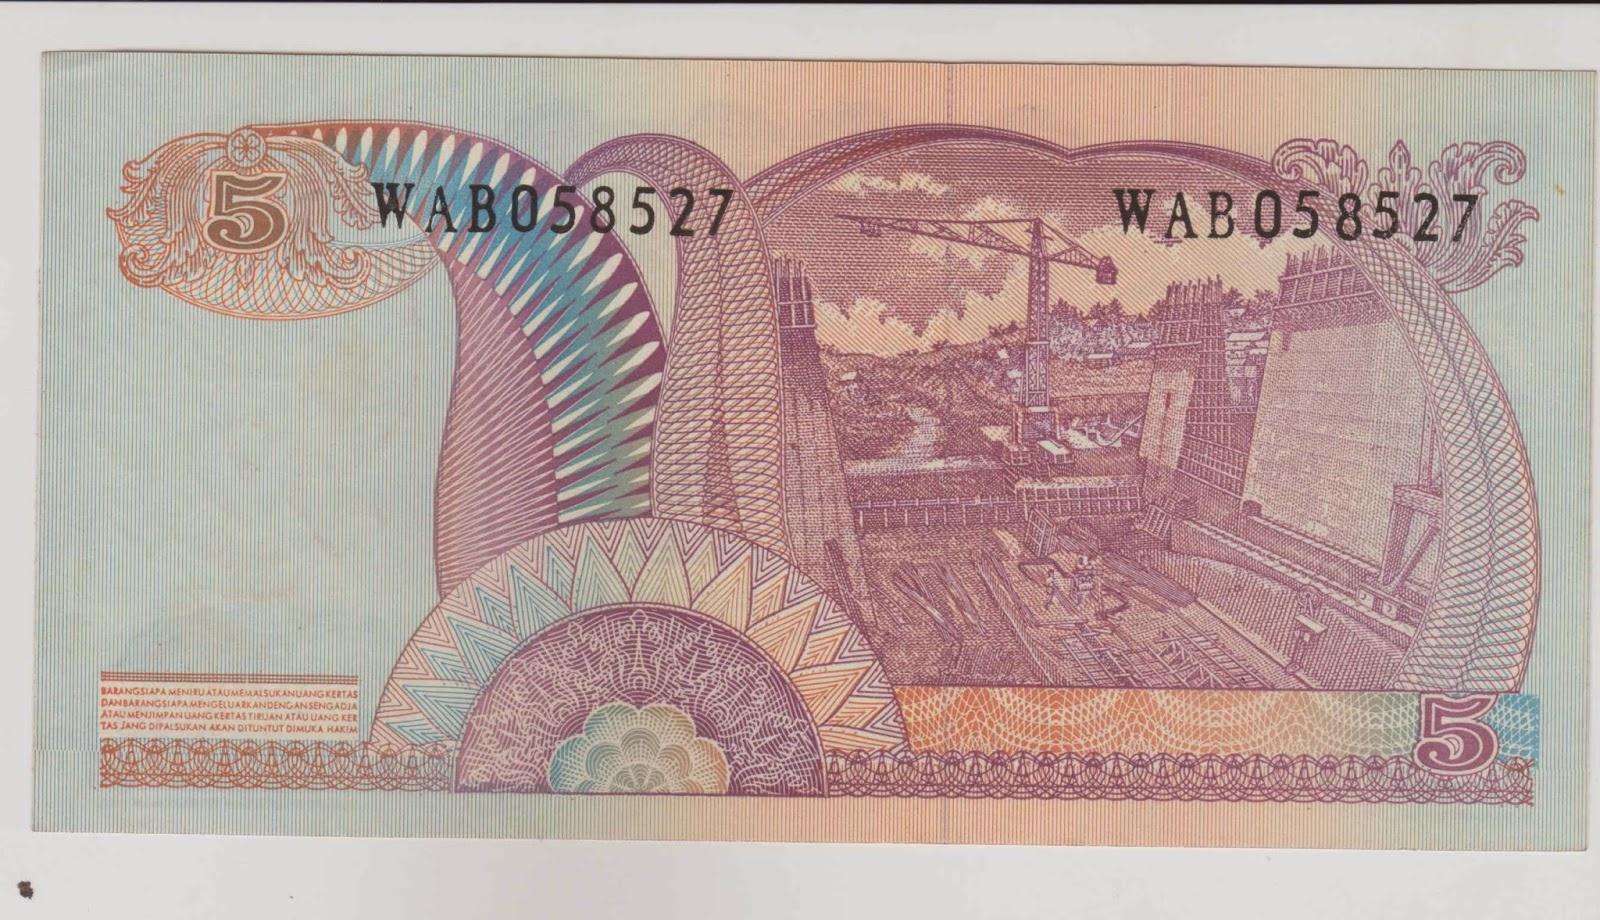 uang kuno Seri Soedirman tahun 1968 Pecahan 5 rupiah